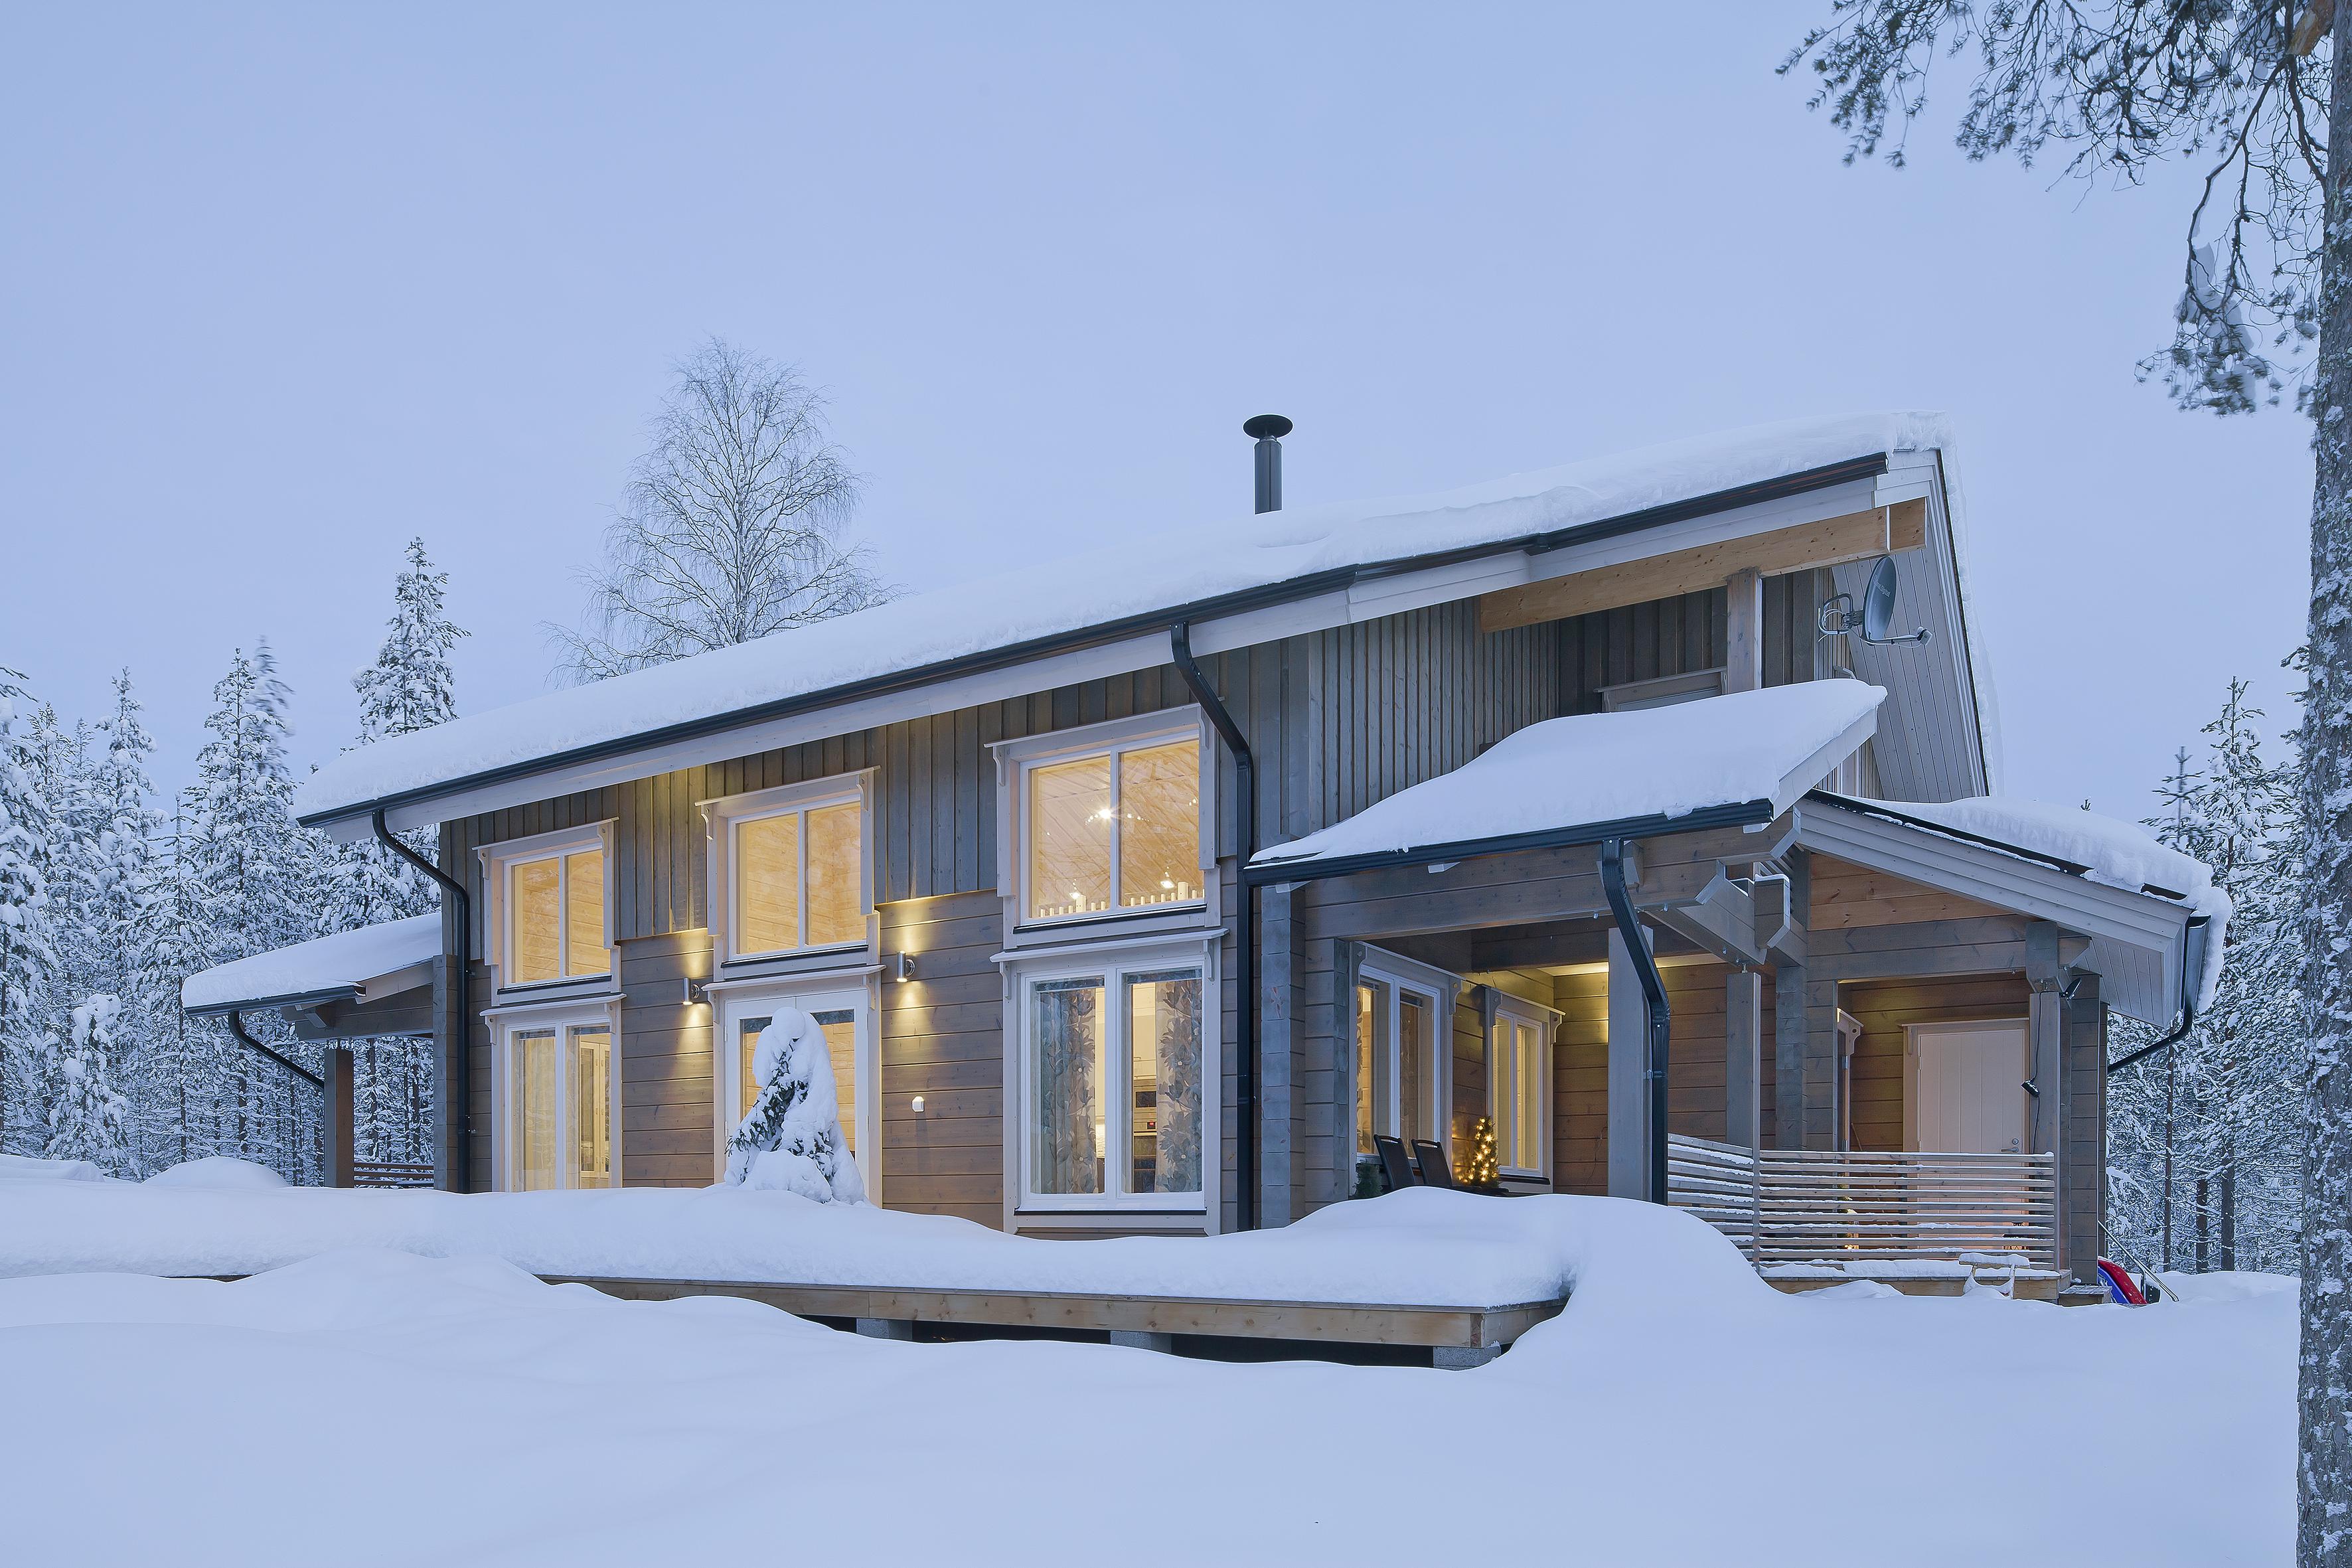 Constructeur maison bois finlande maison moderne for Constructeur maison en bois tahiti